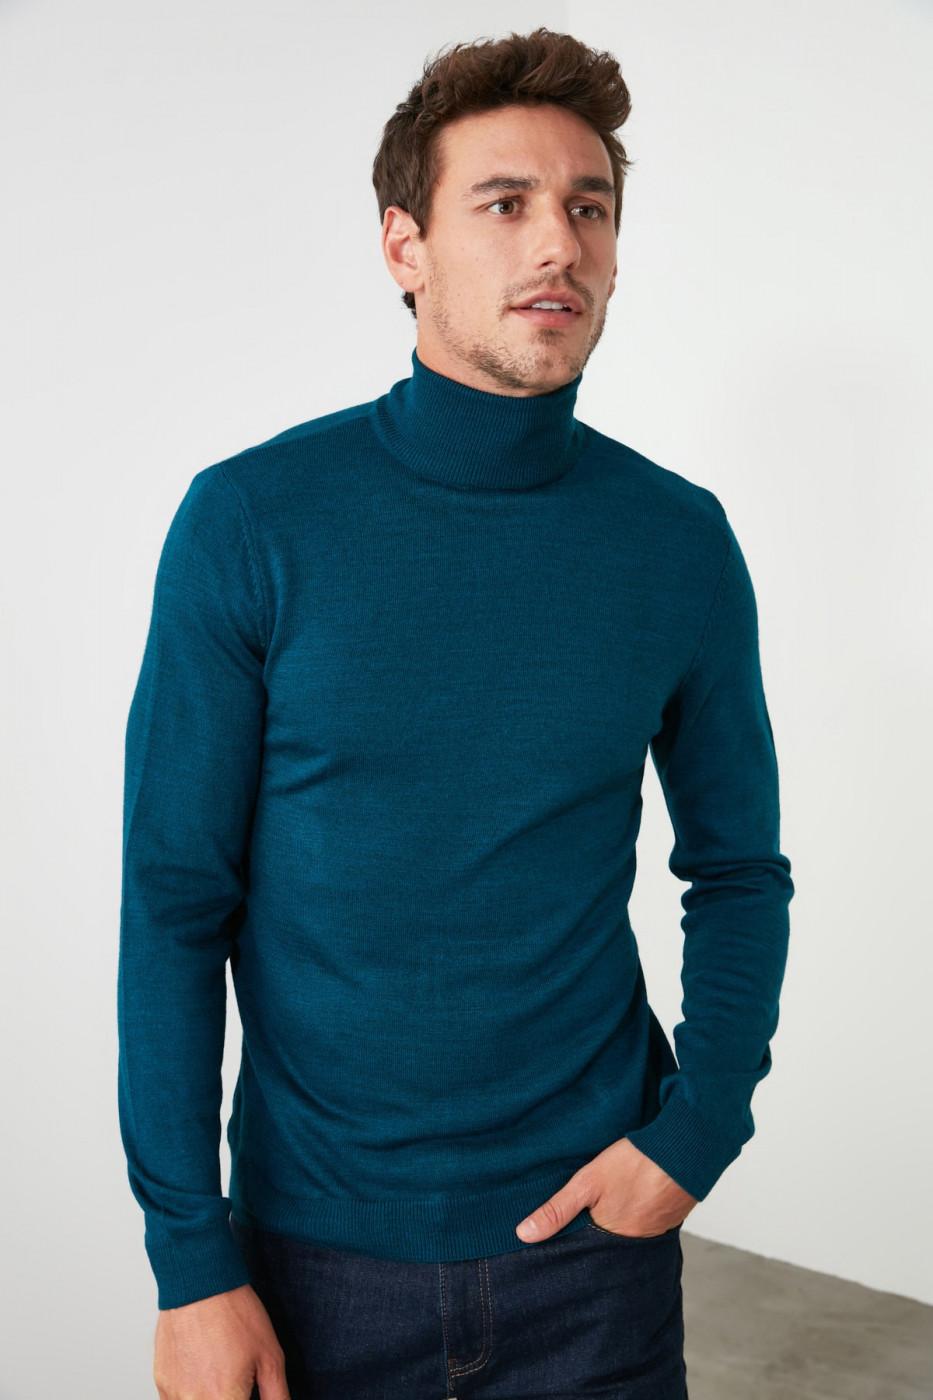 Trendyol Oil Men's Turtleneck Knitwear Sweater